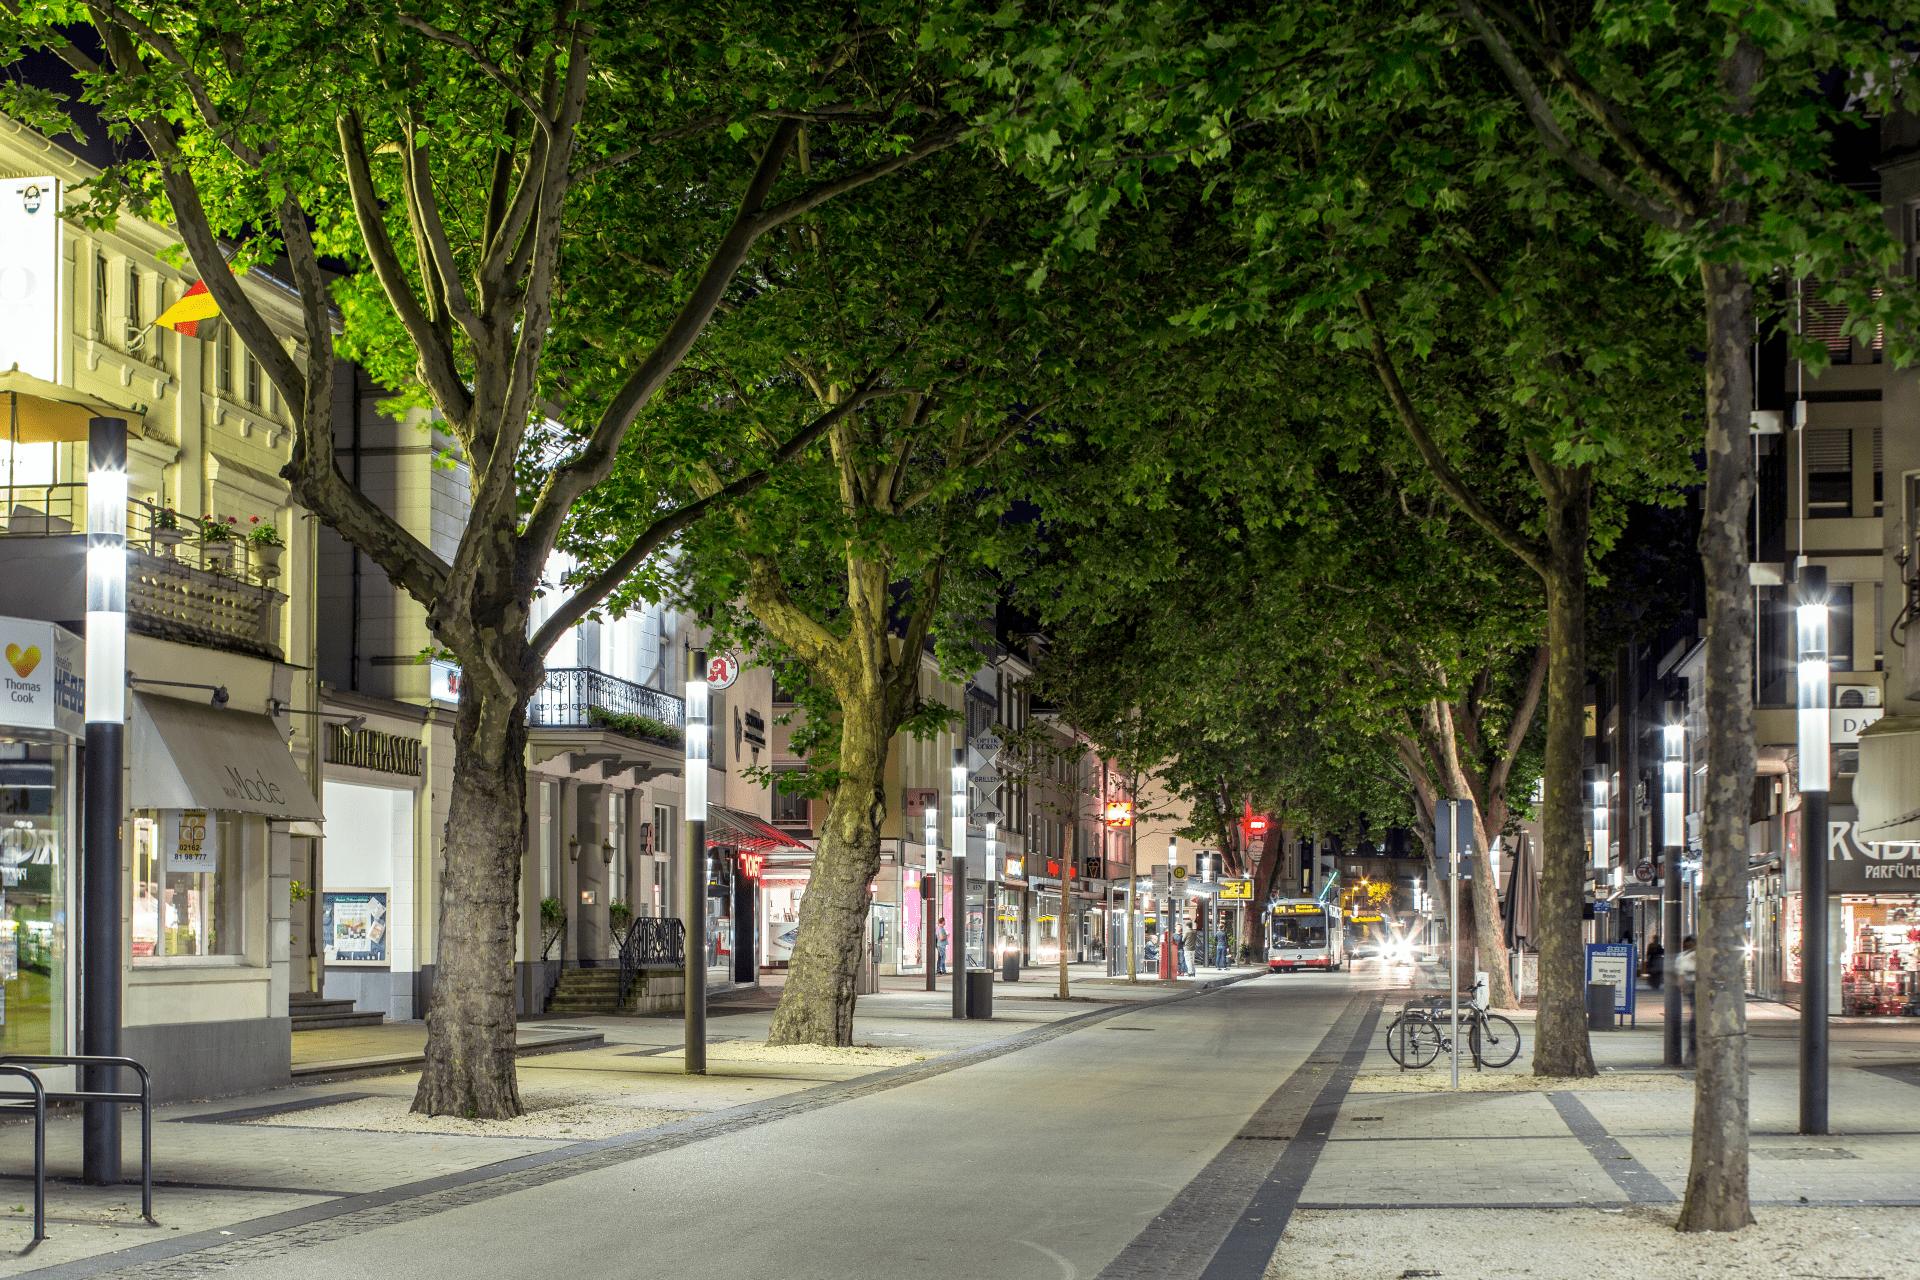 trilux_smart_cities-outdoor